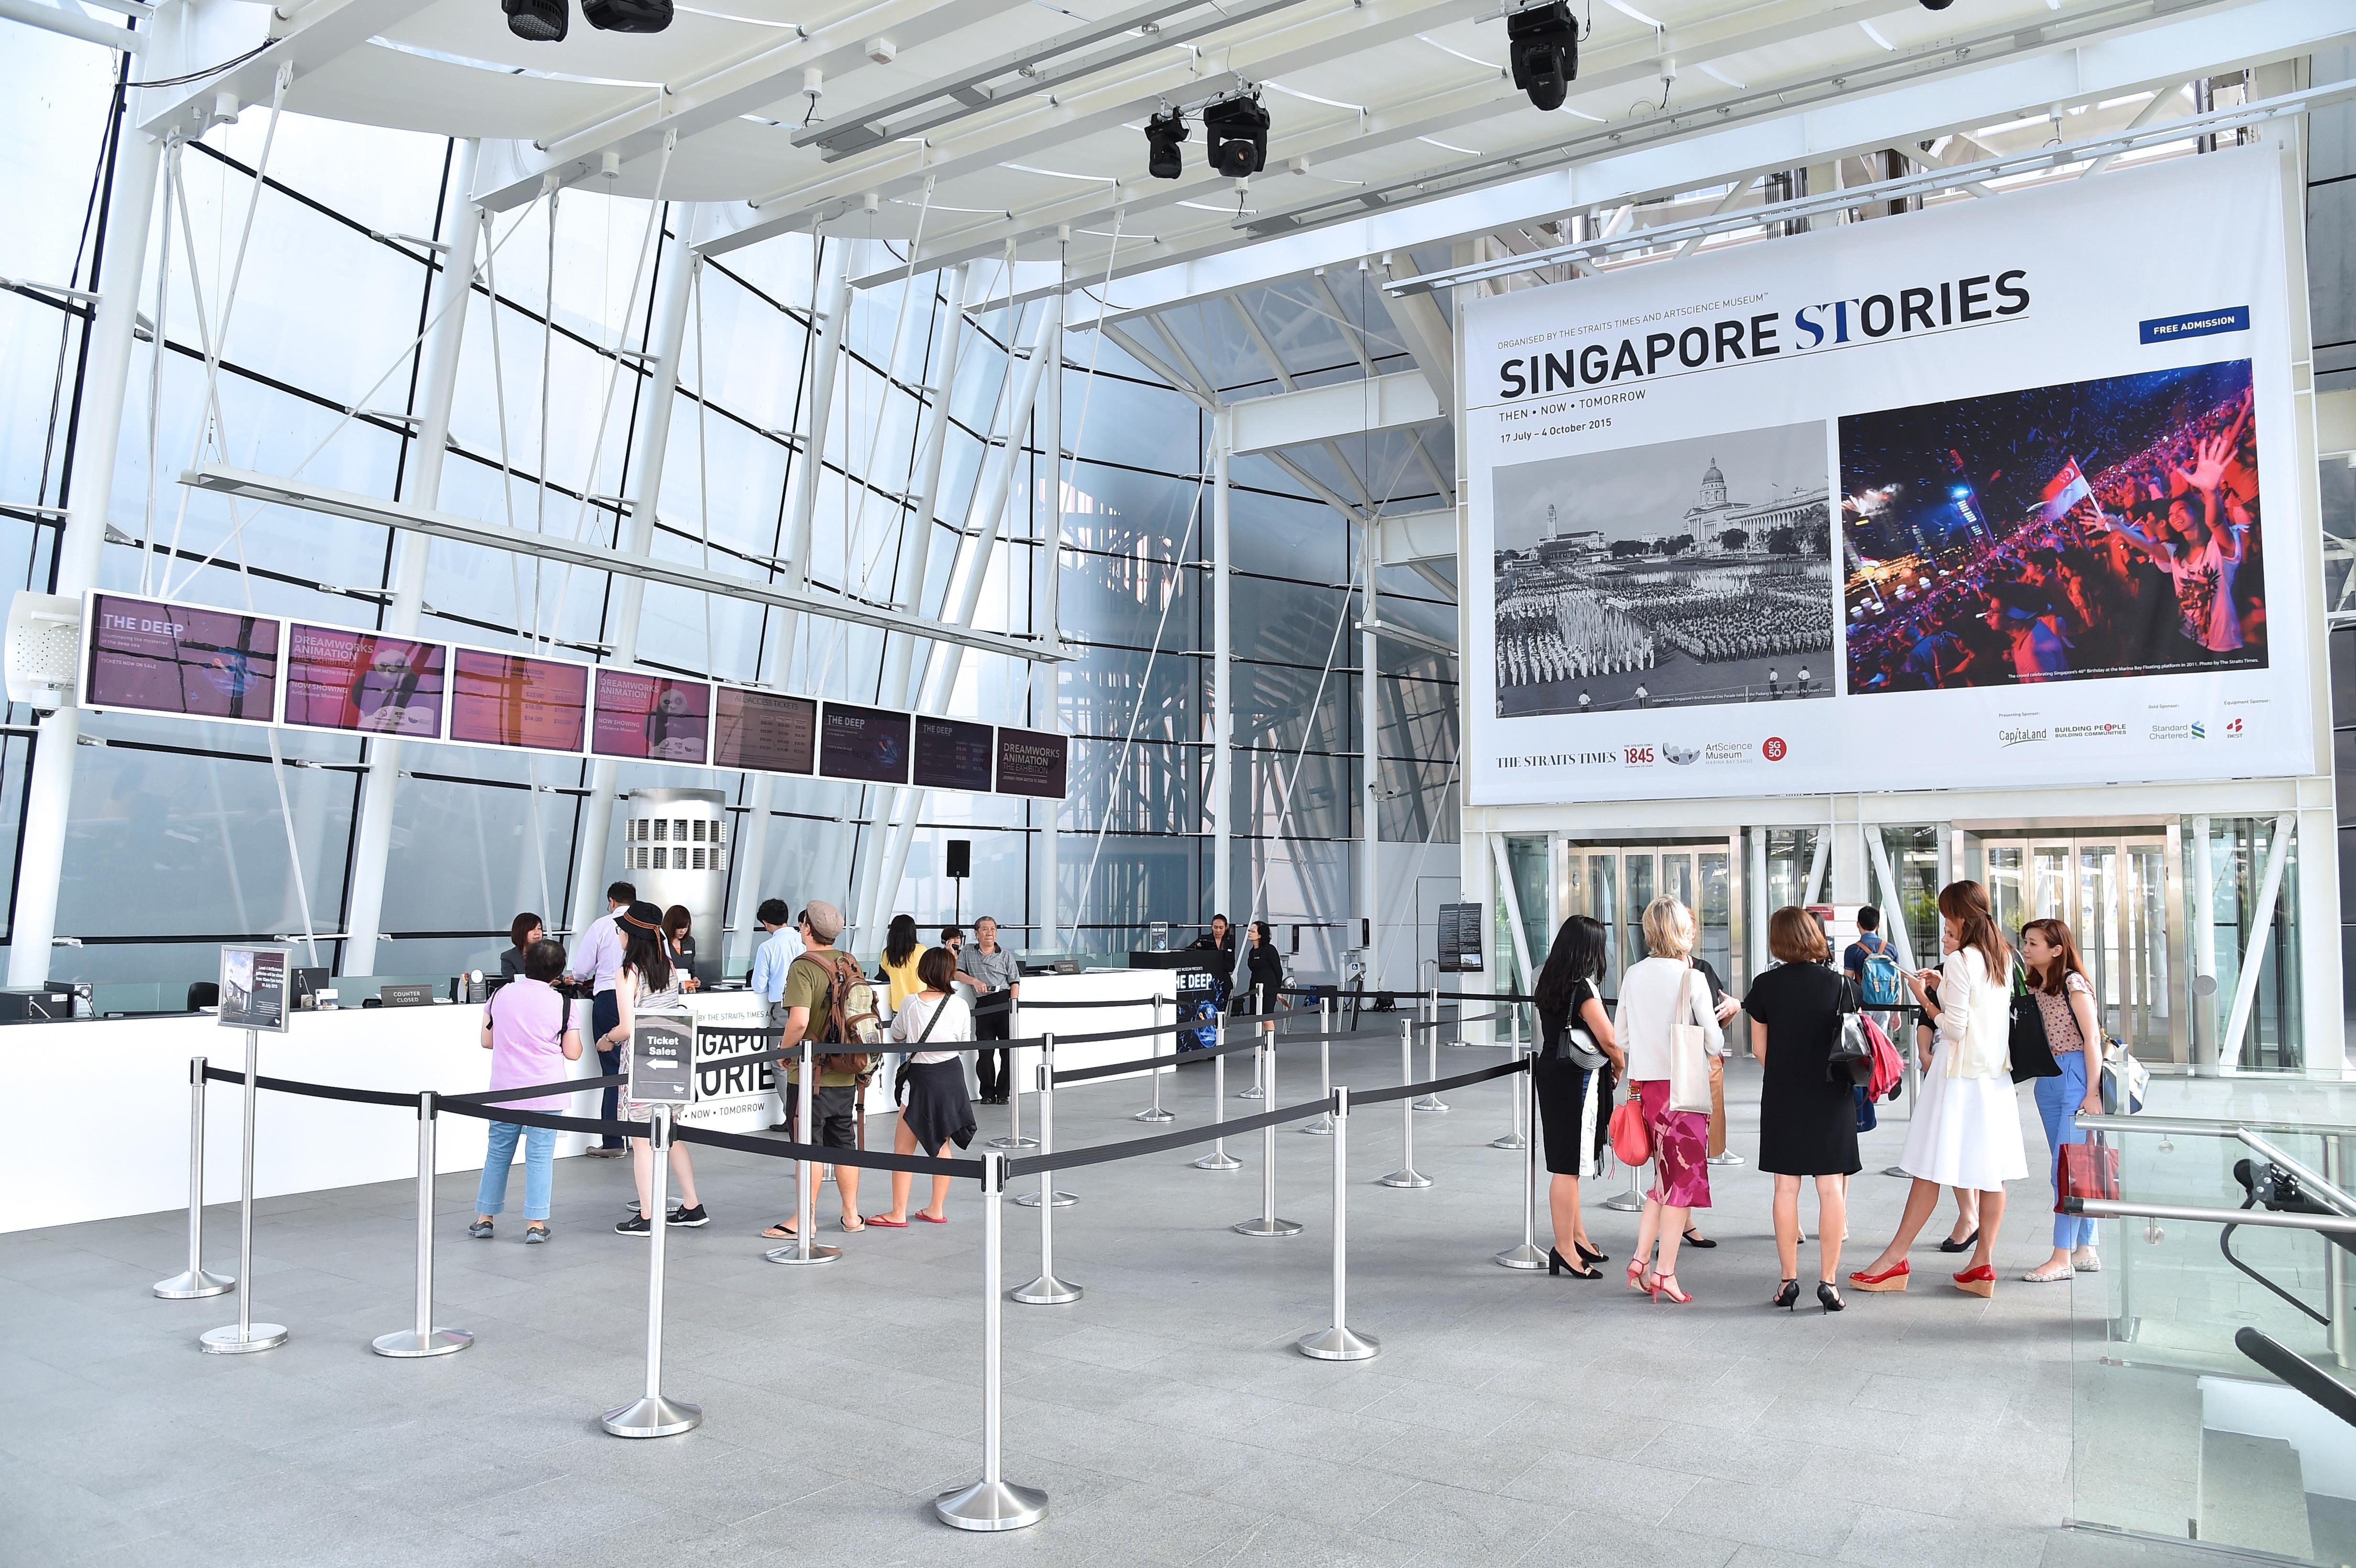 2015 Singapore Stories